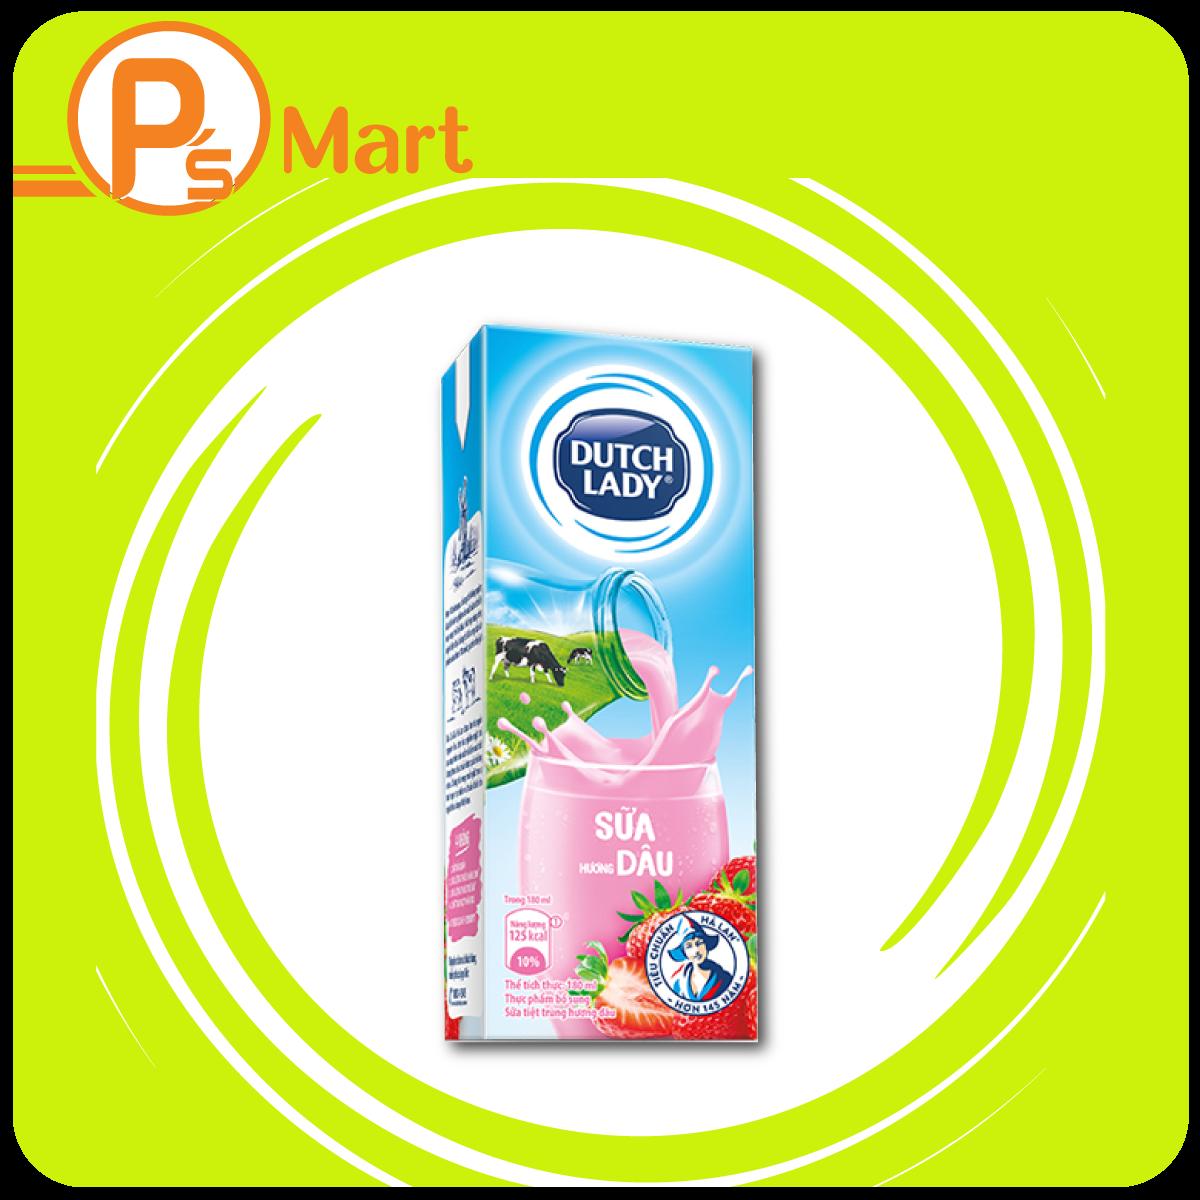 Sữa tươi Hương Dâu Dung tích: 180ml, 100ml